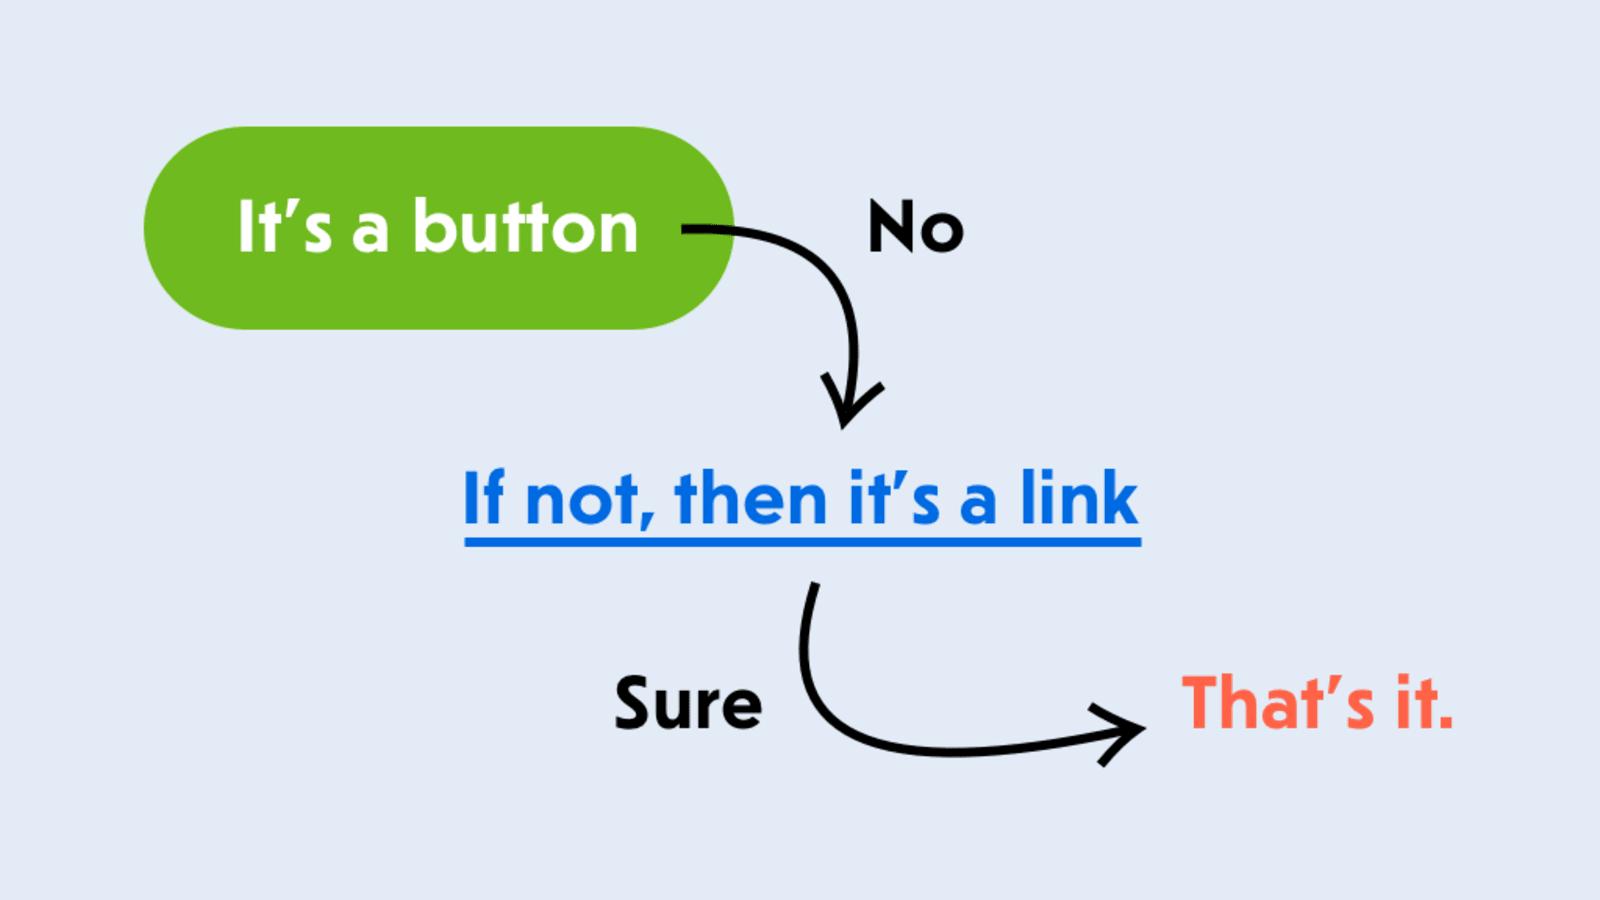 当一个按钮不是按钮